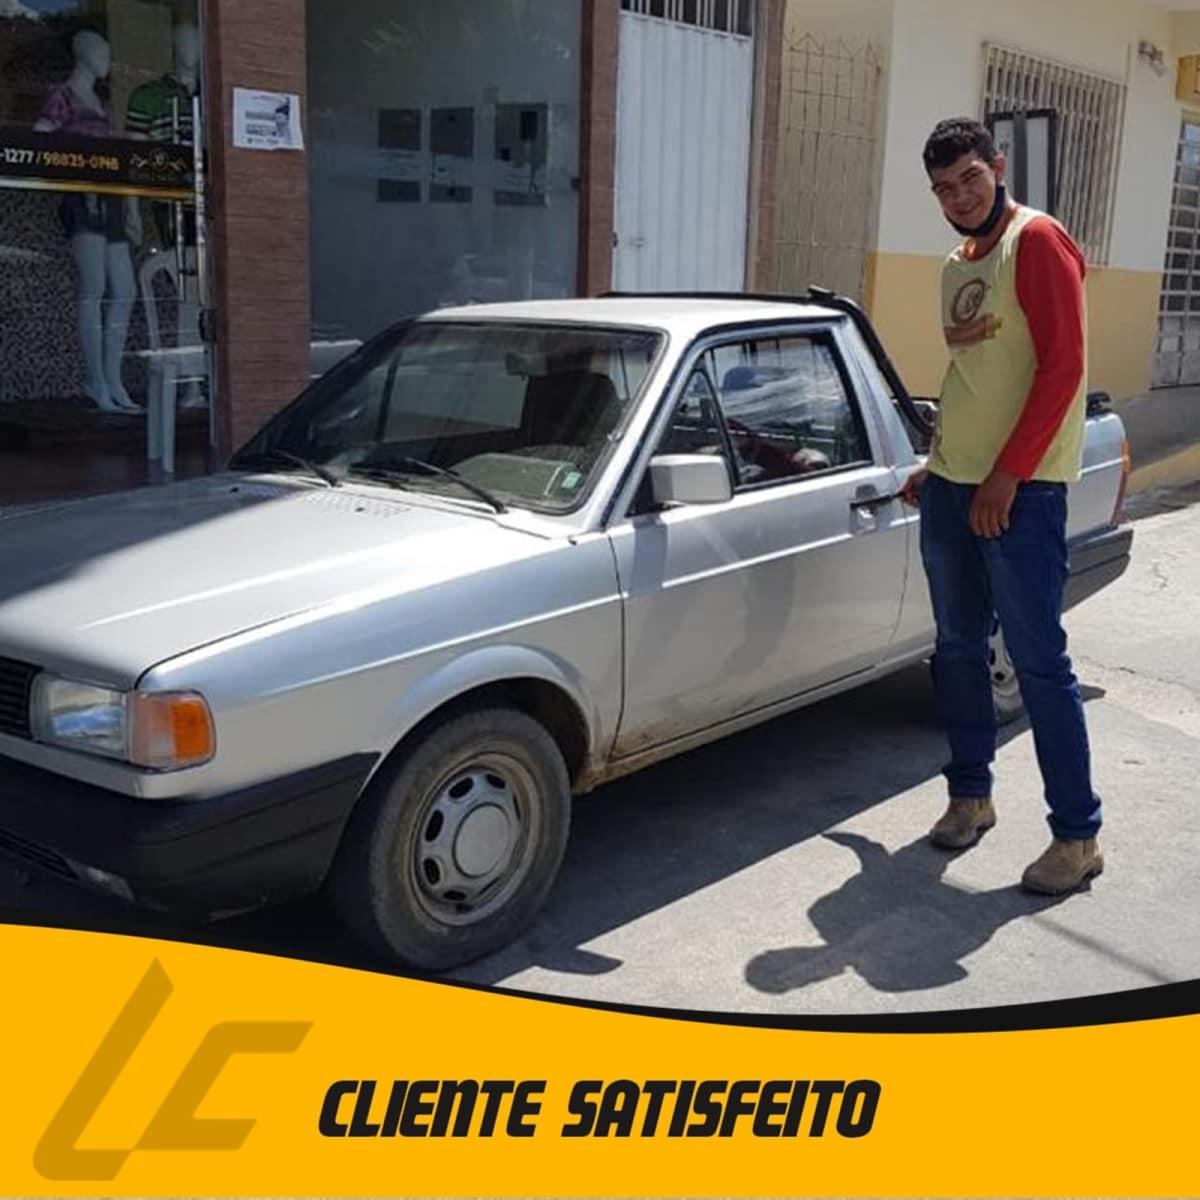 Cliente Satisfeito - Thayti (Crisólita-MG)